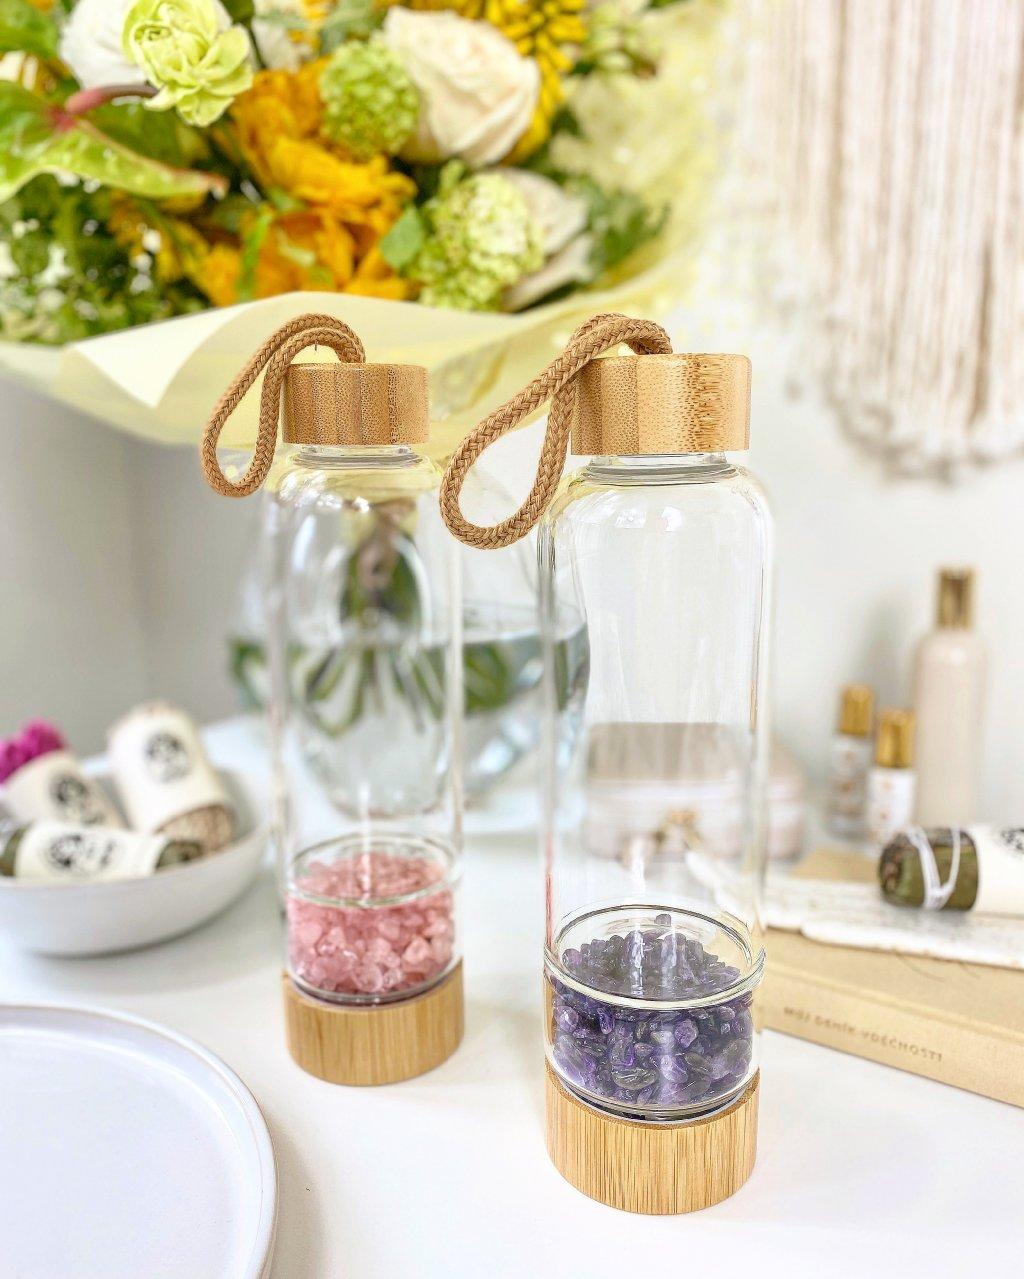 Skleněná lahev s minerálem růženín